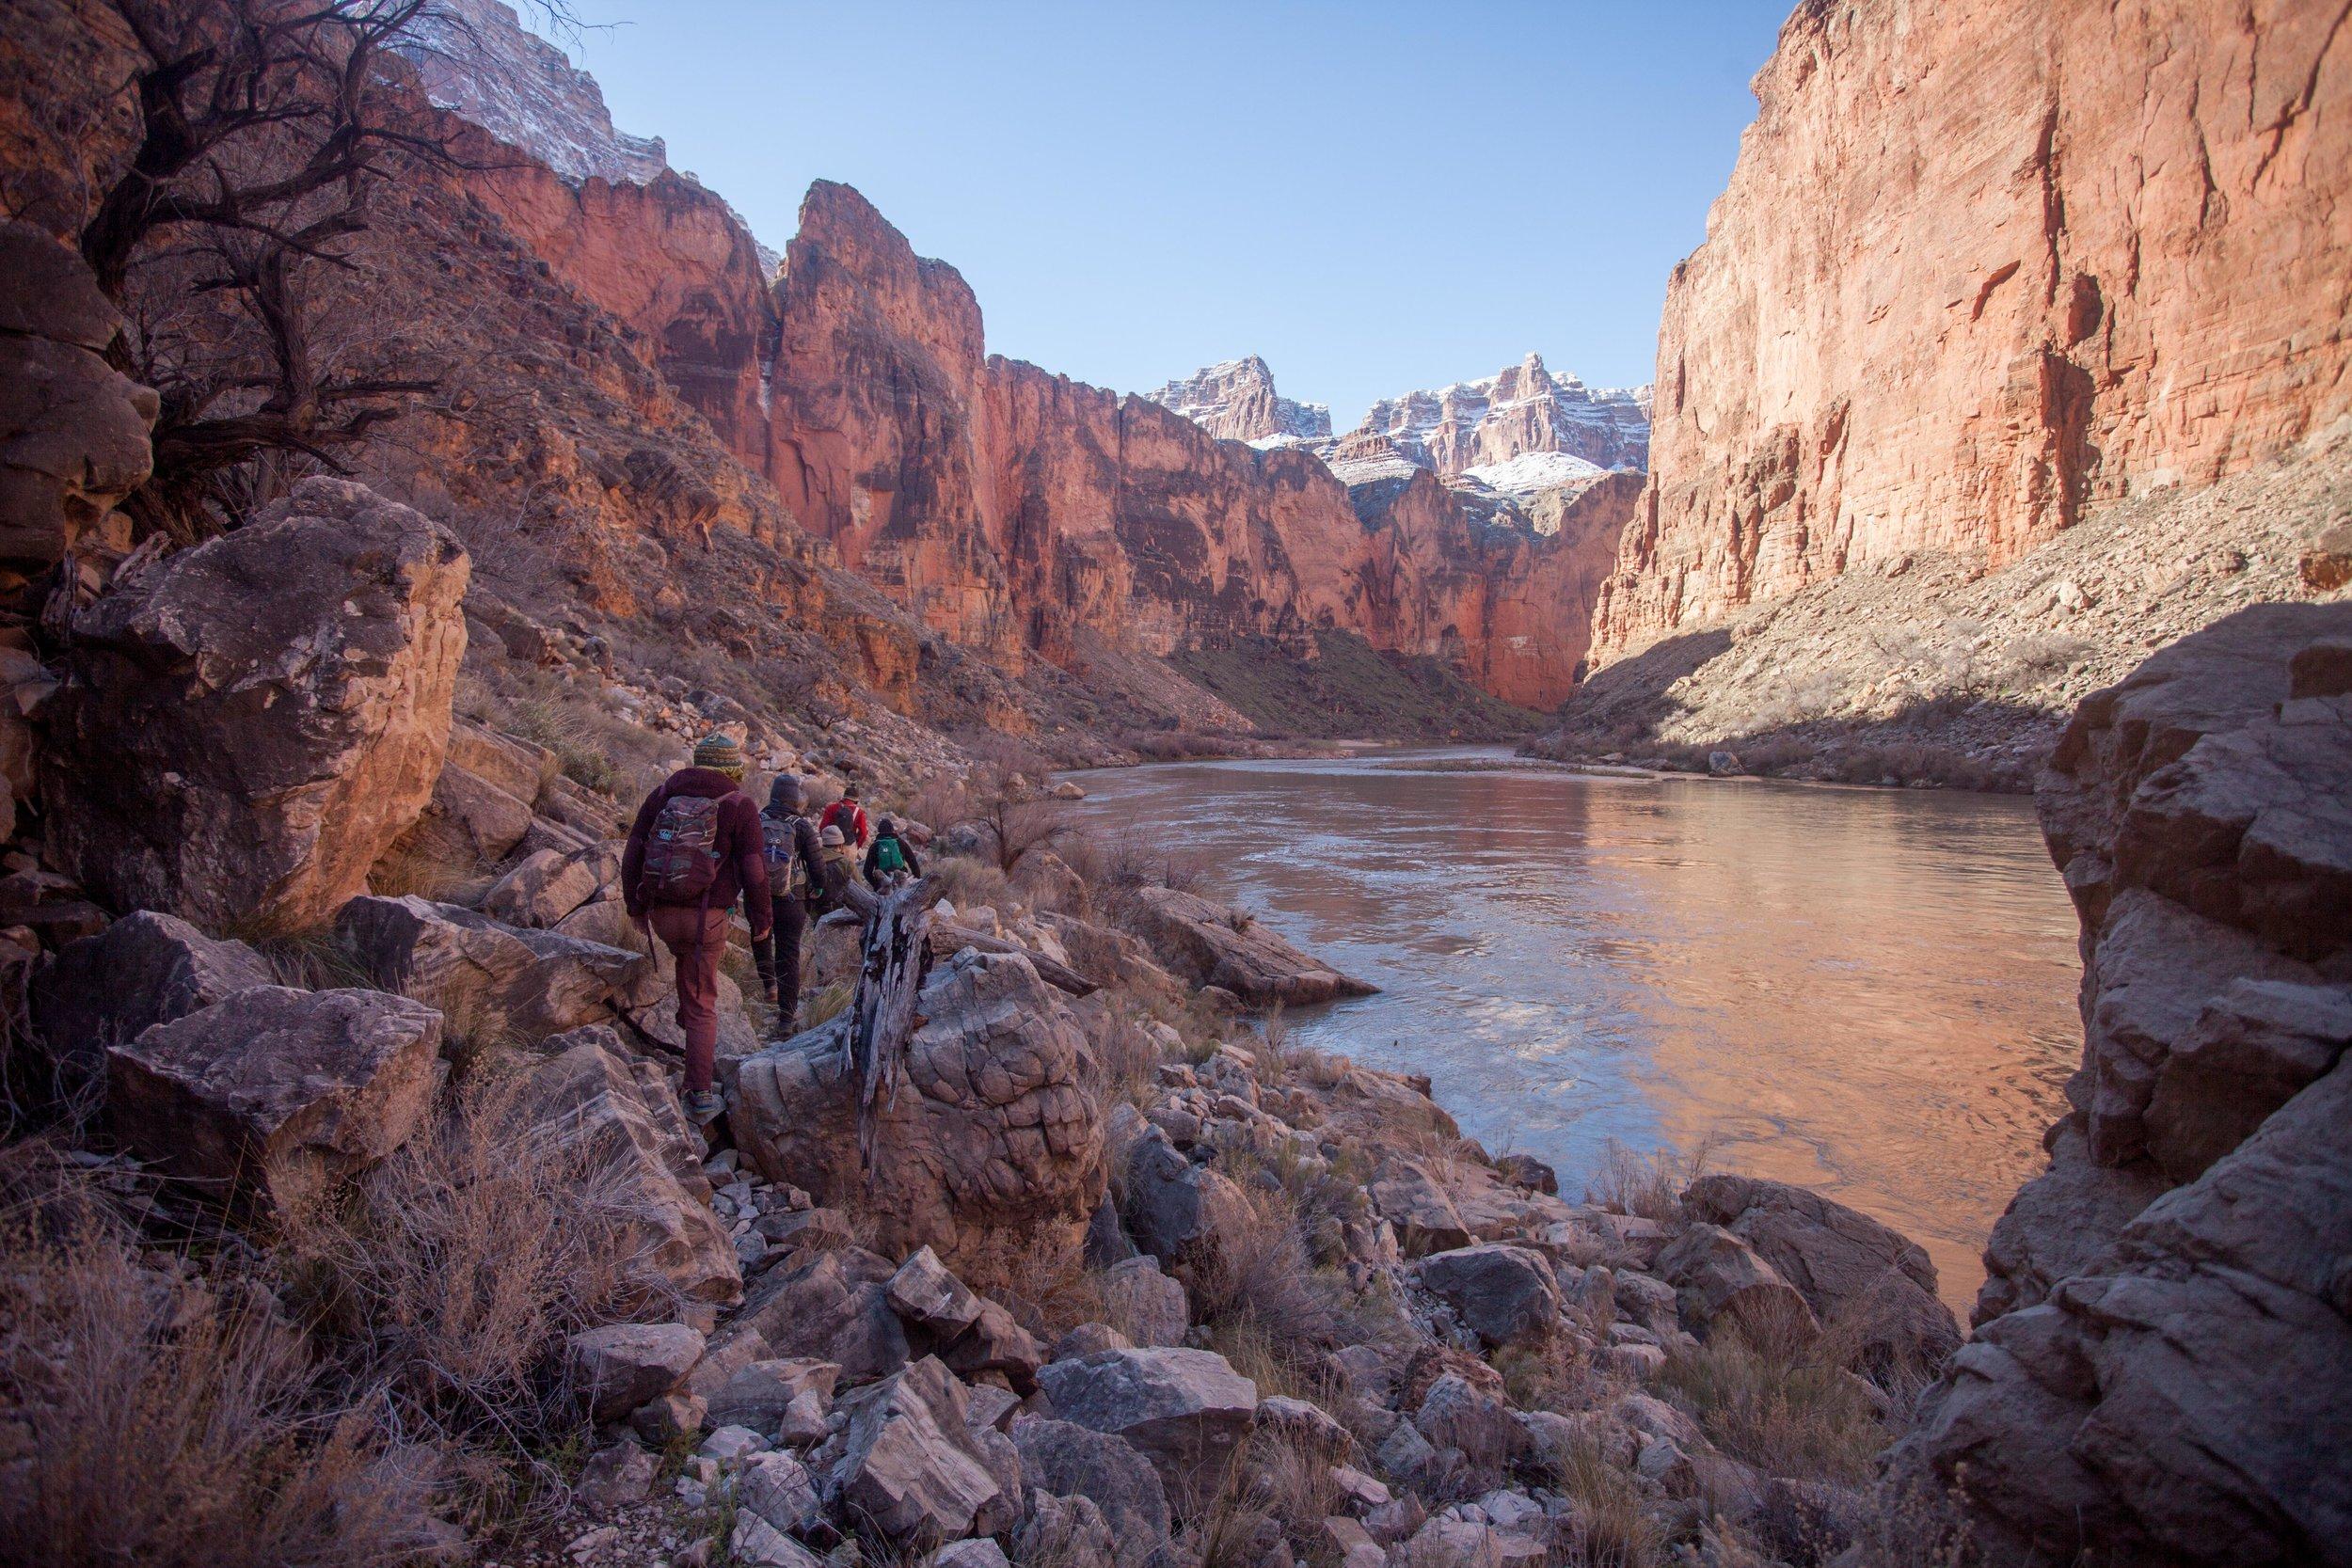 Hiking down canyon below President Harding Rapid